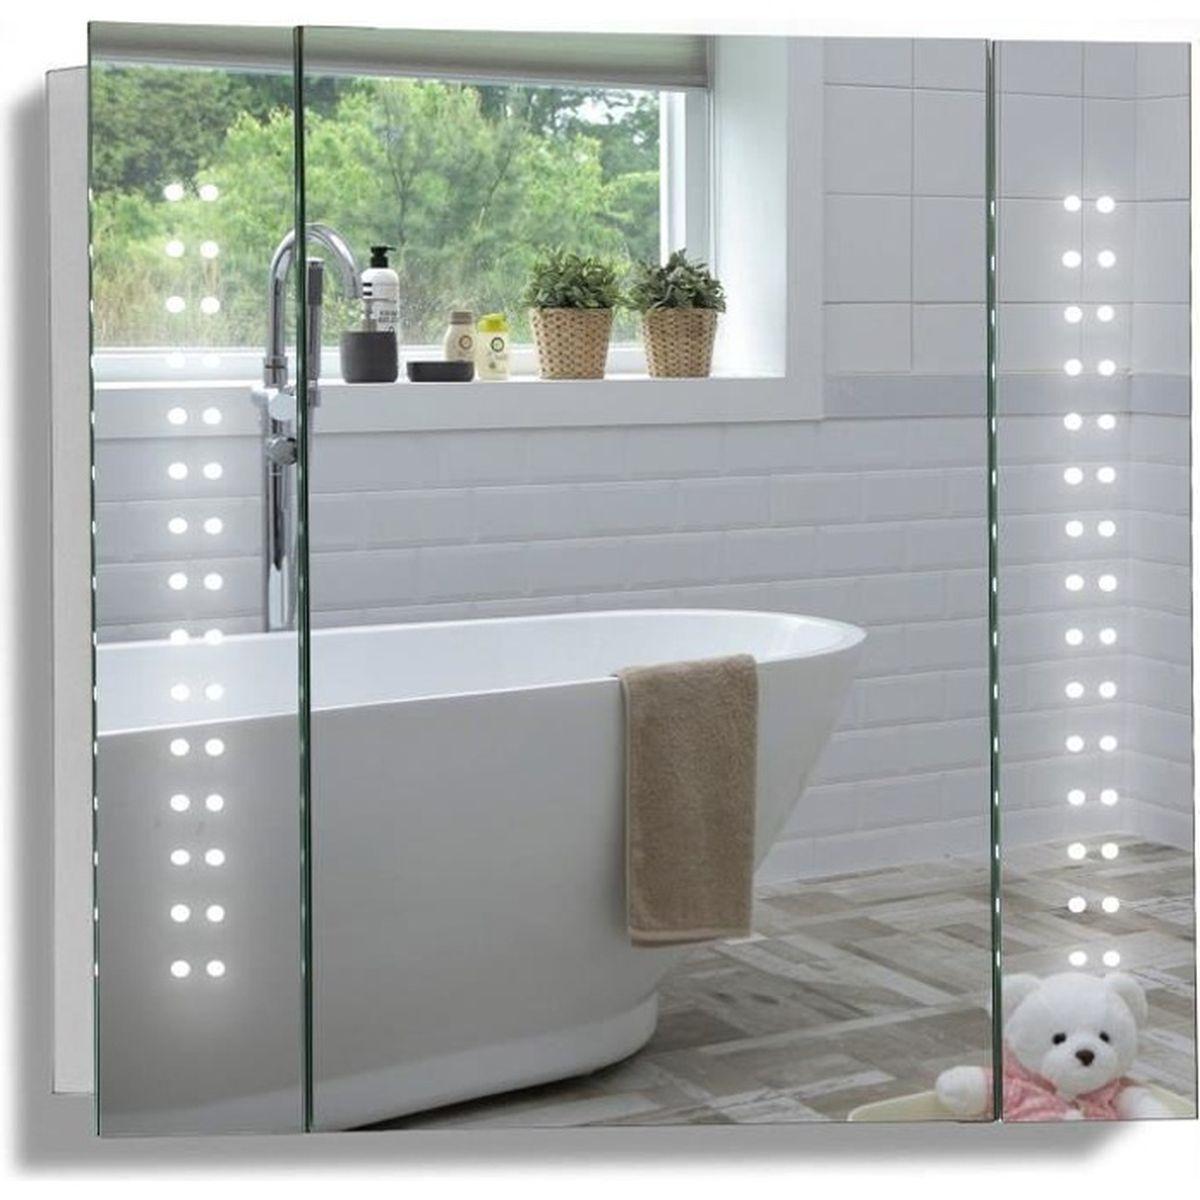 Miroir salle de bain avec eclairage et prise